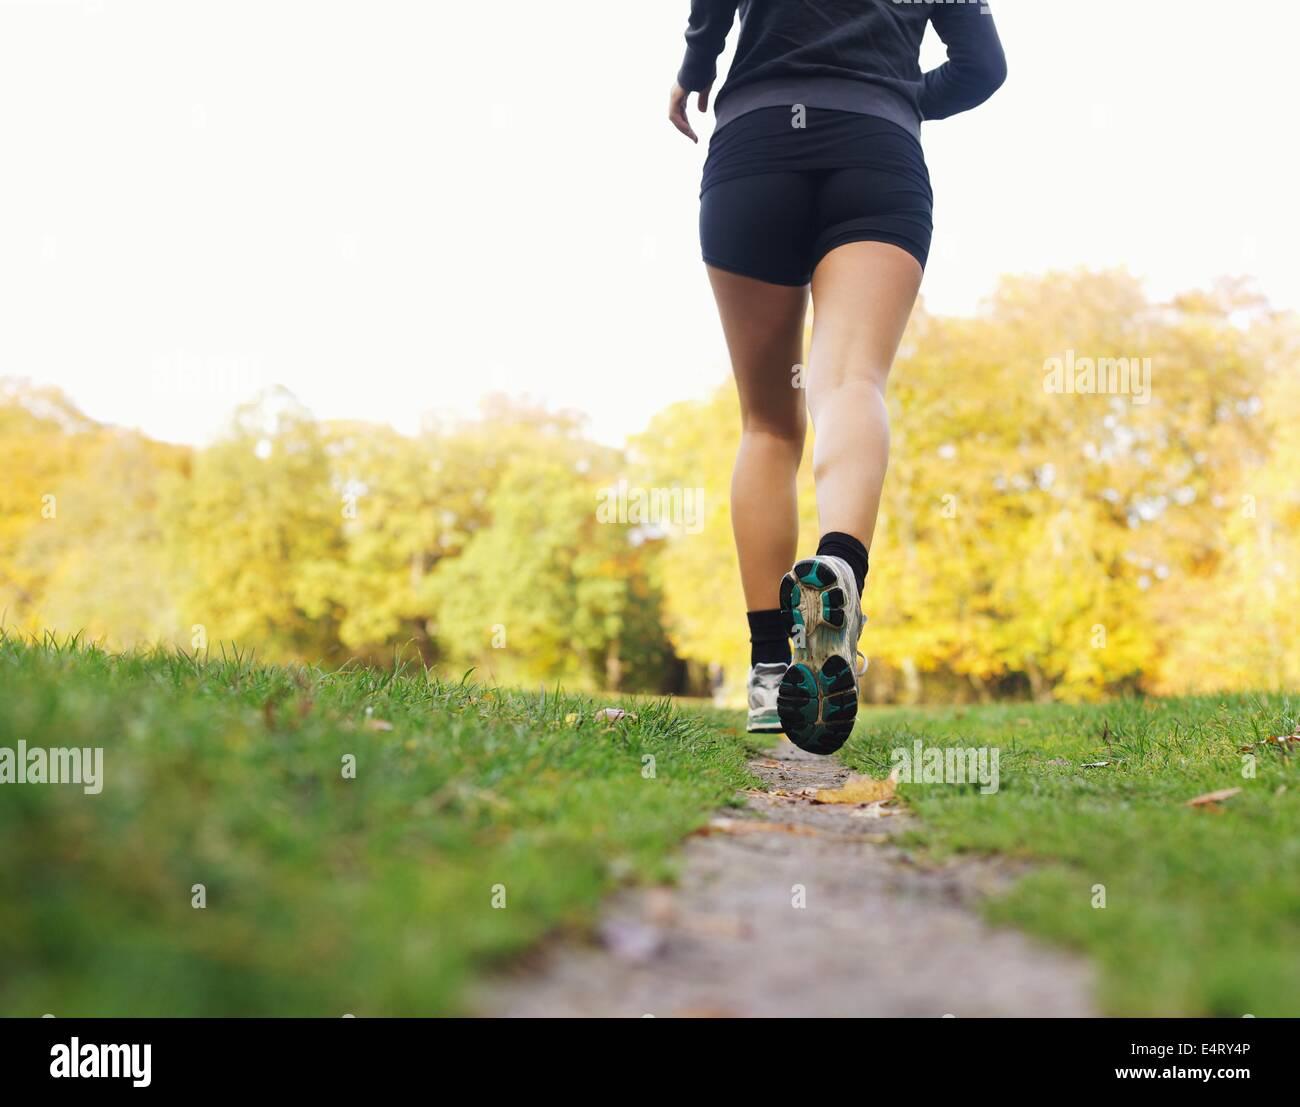 Rückansicht der Sportlerin im Park Joggen. Frauen Fitness-Modell im freien laufen Stockbild